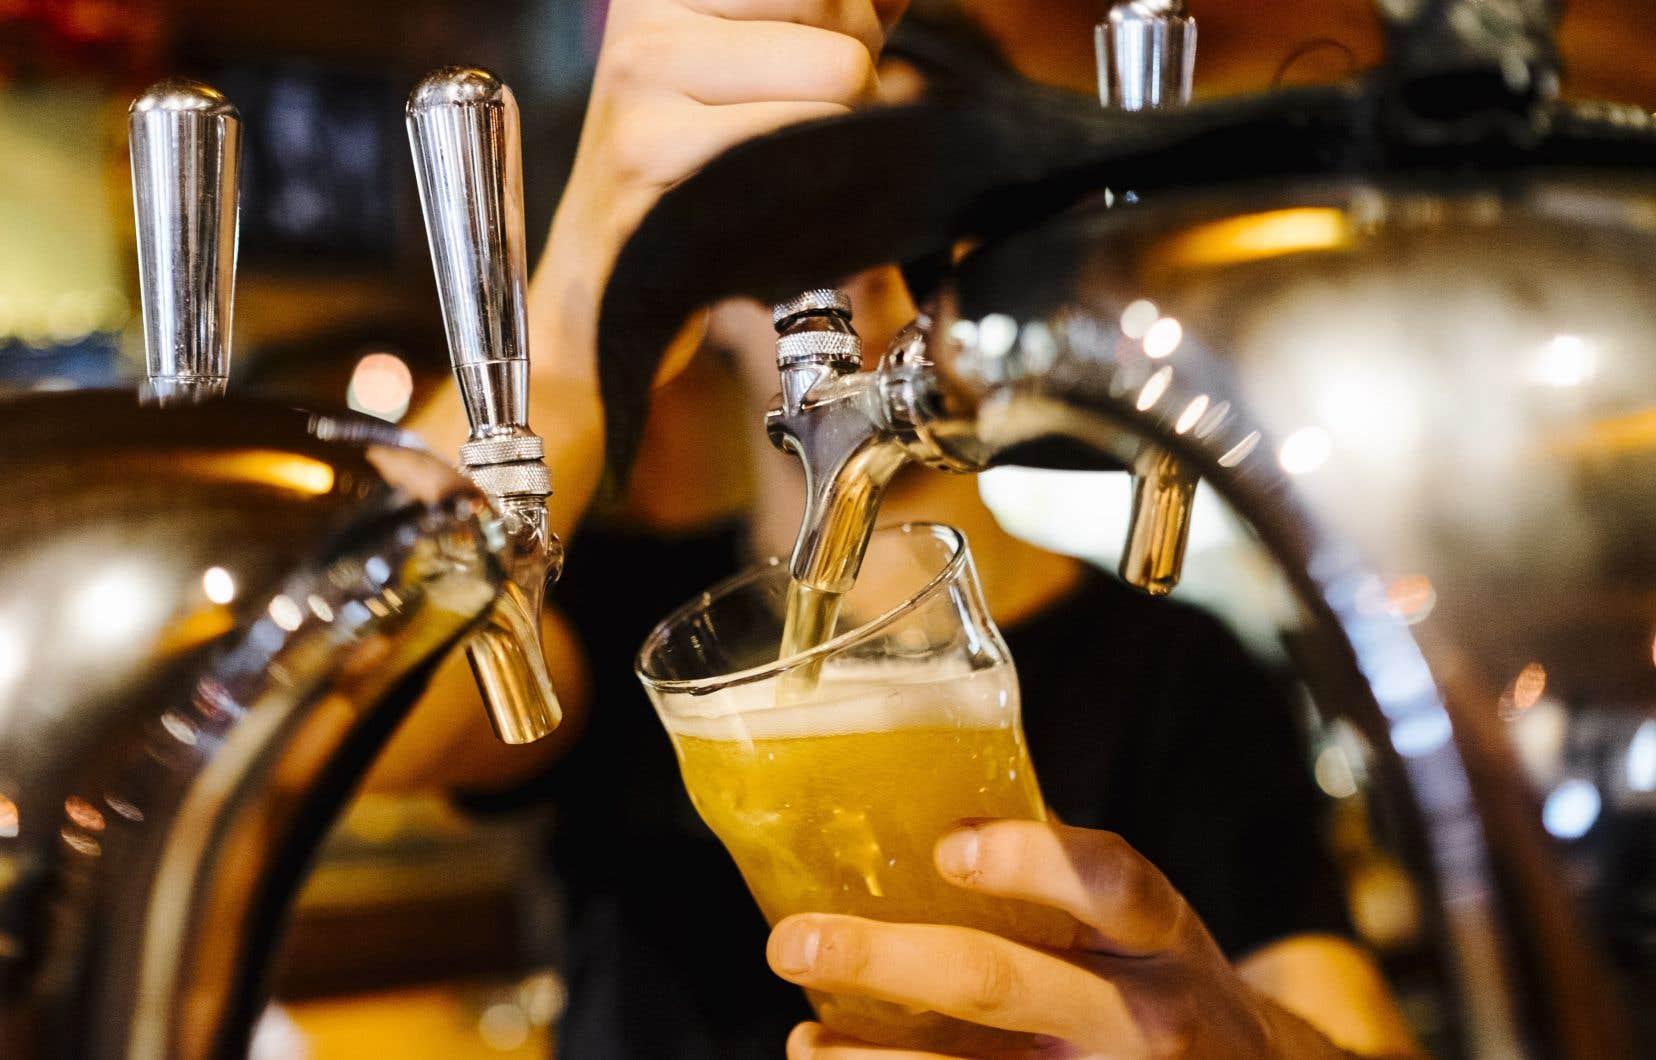 Selon Sébastien Ste-Croix Dubé, le goût des consommateurs s'est largement affiné dans les dernières années, incitant les brasseurs à faire de meilleures bières.